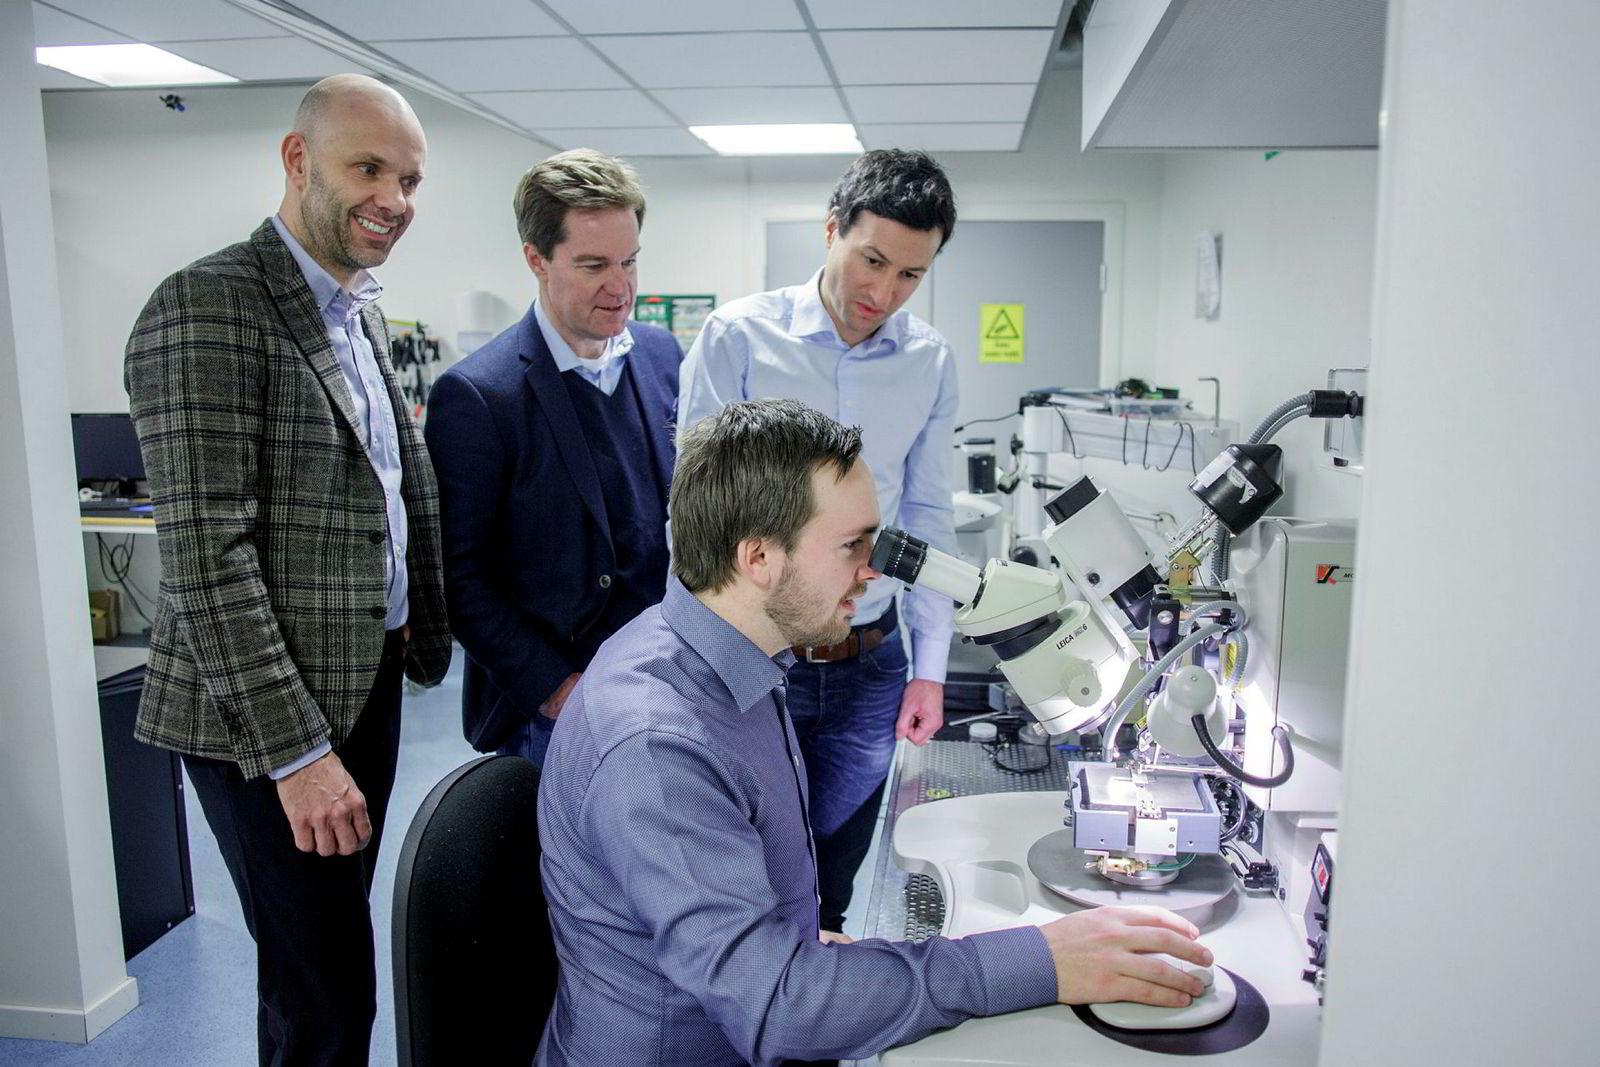 Jakob Vennerod (foran) og Matthieu Lacolle (til høyre) gikk over fra Sintef til Sensibel i januar i fjor, og utvikler selskapet og mikrofonene sammen med styreleder John T. Torvik (midten) og Sverre Dale Moen.